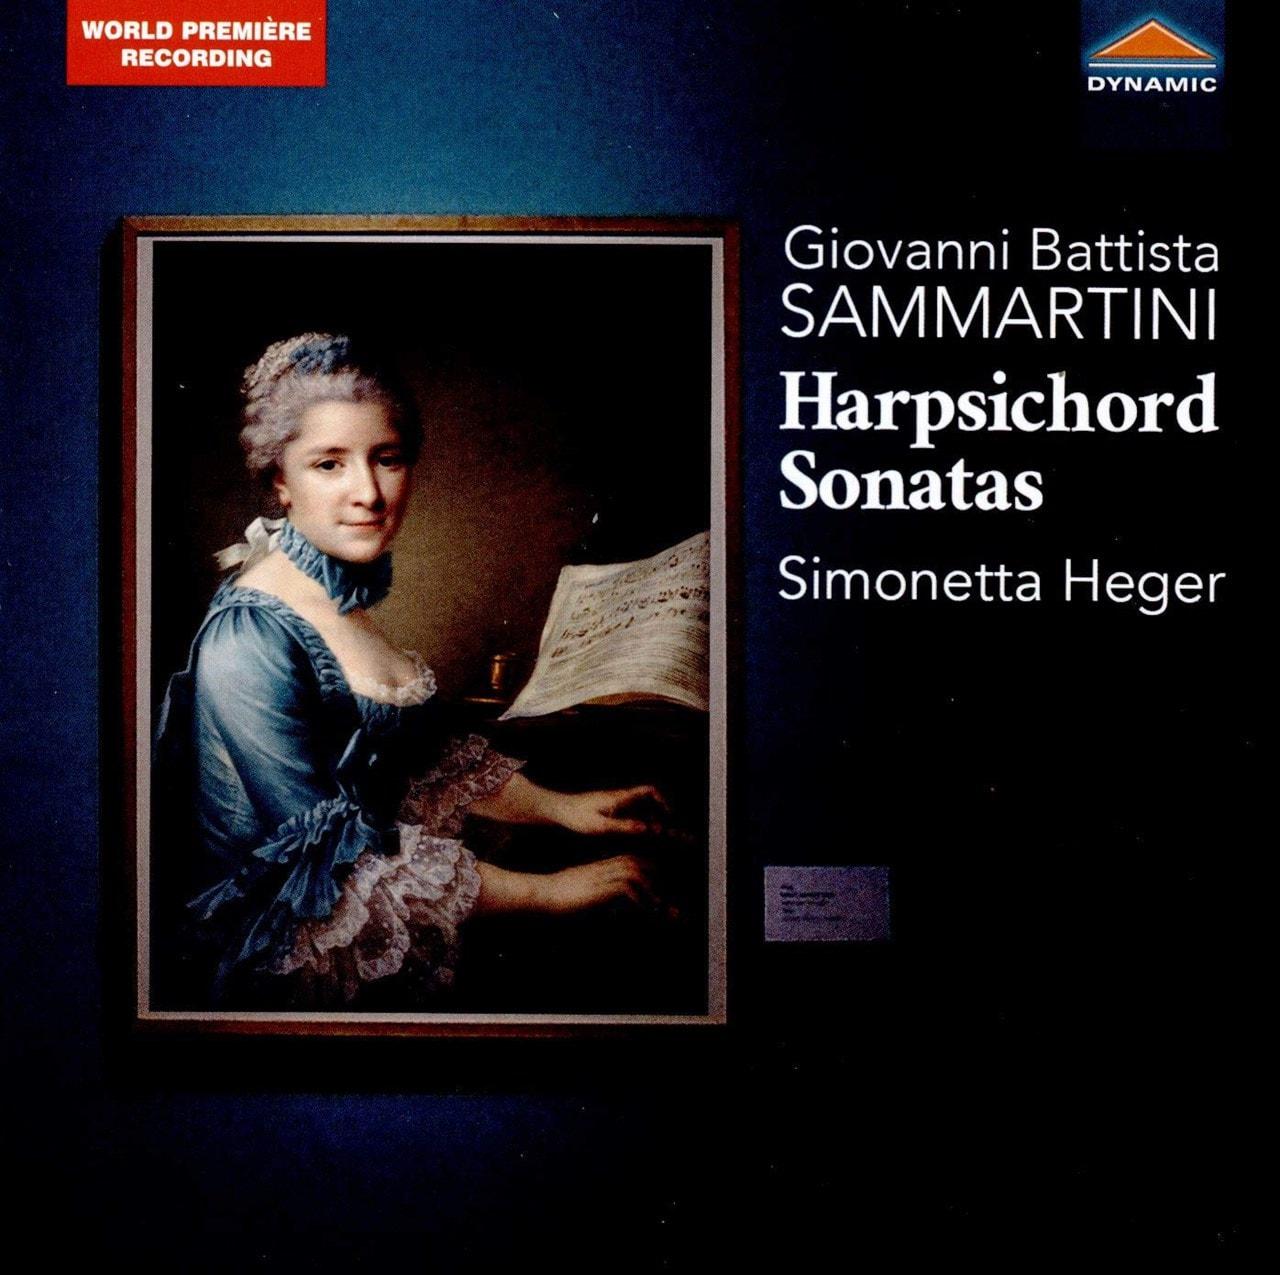 Giovanni Battistan Sammartini: Harpsichord Sonatas - 1